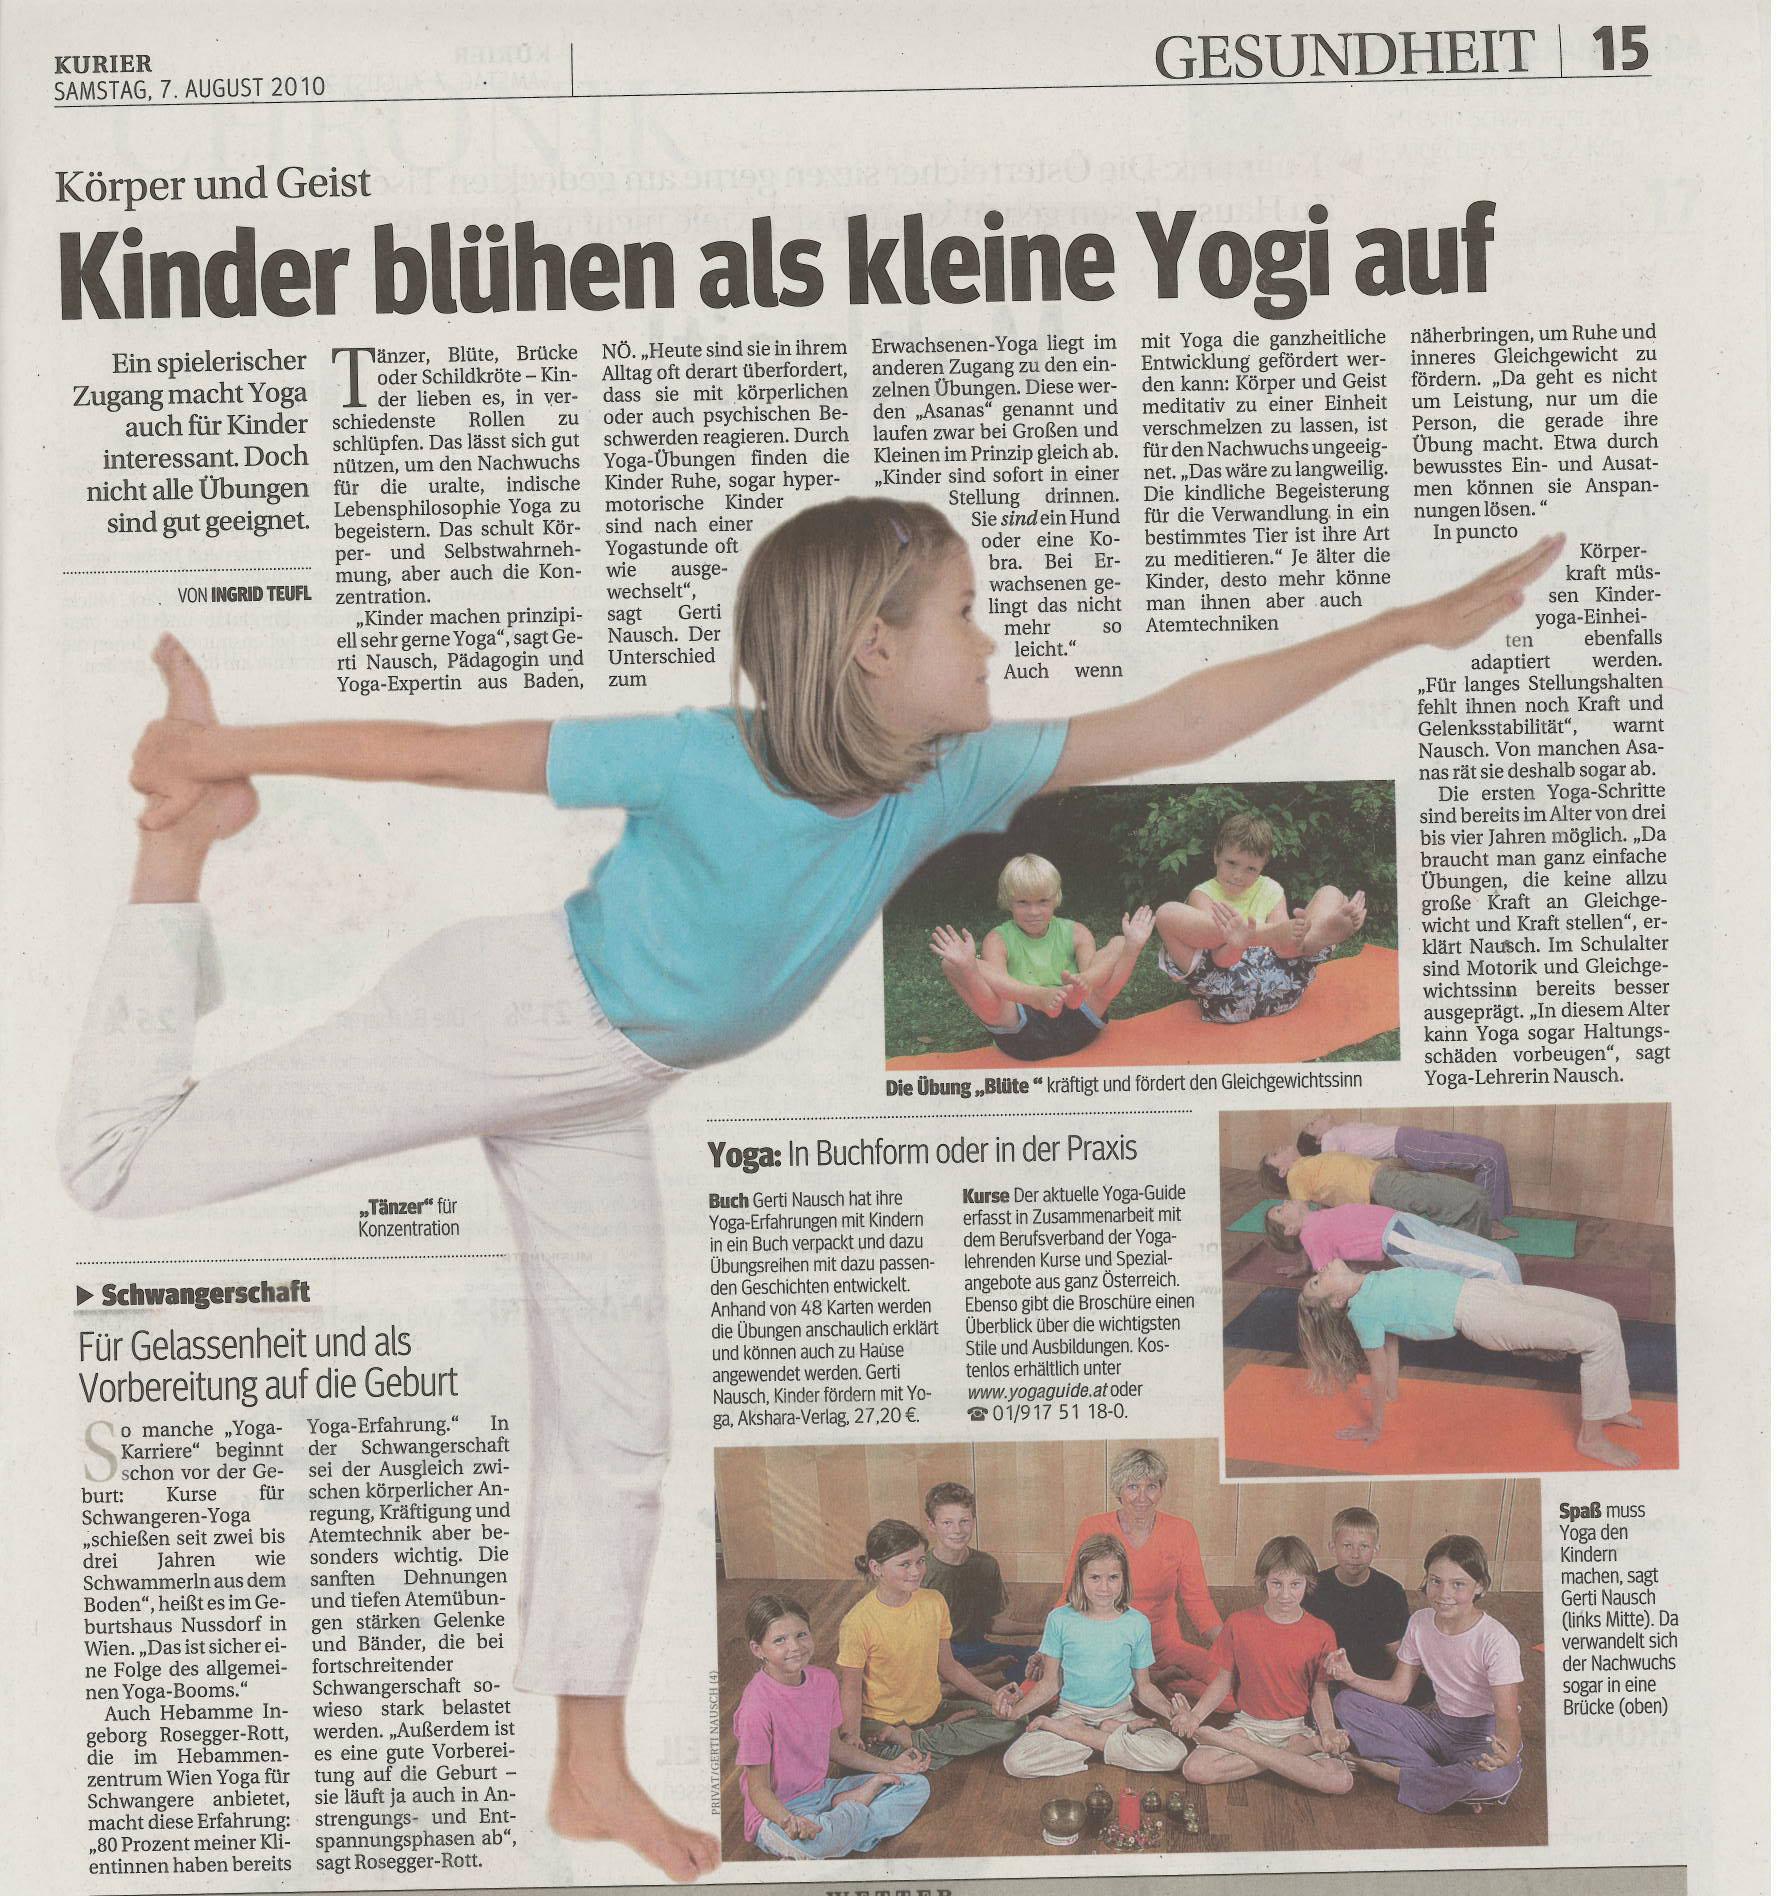 Good werben kinder blühen als kleine yogi auf kurier 7 august 2010